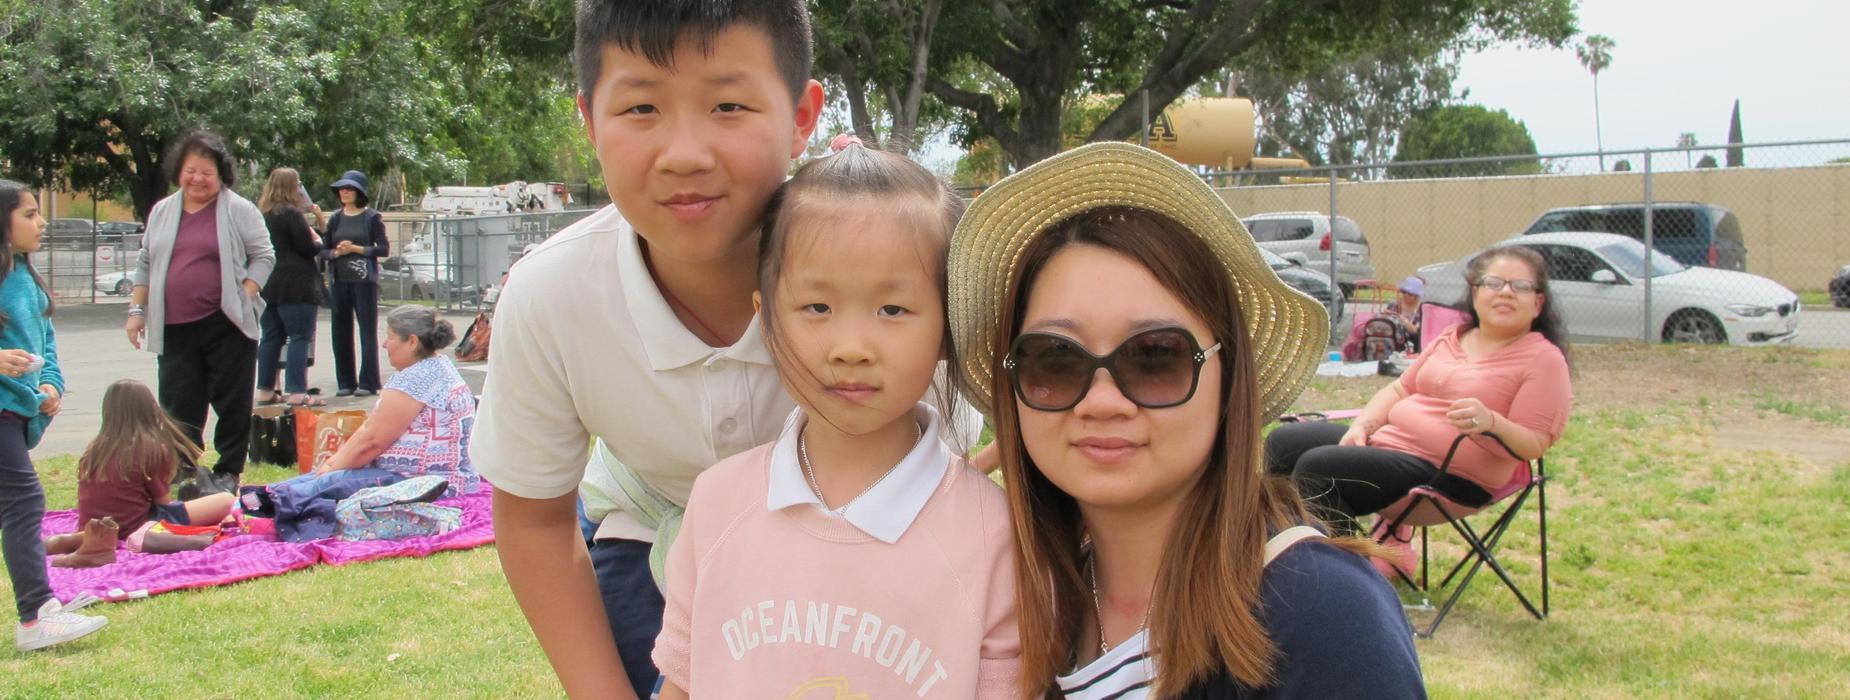 Marguerita family at school event